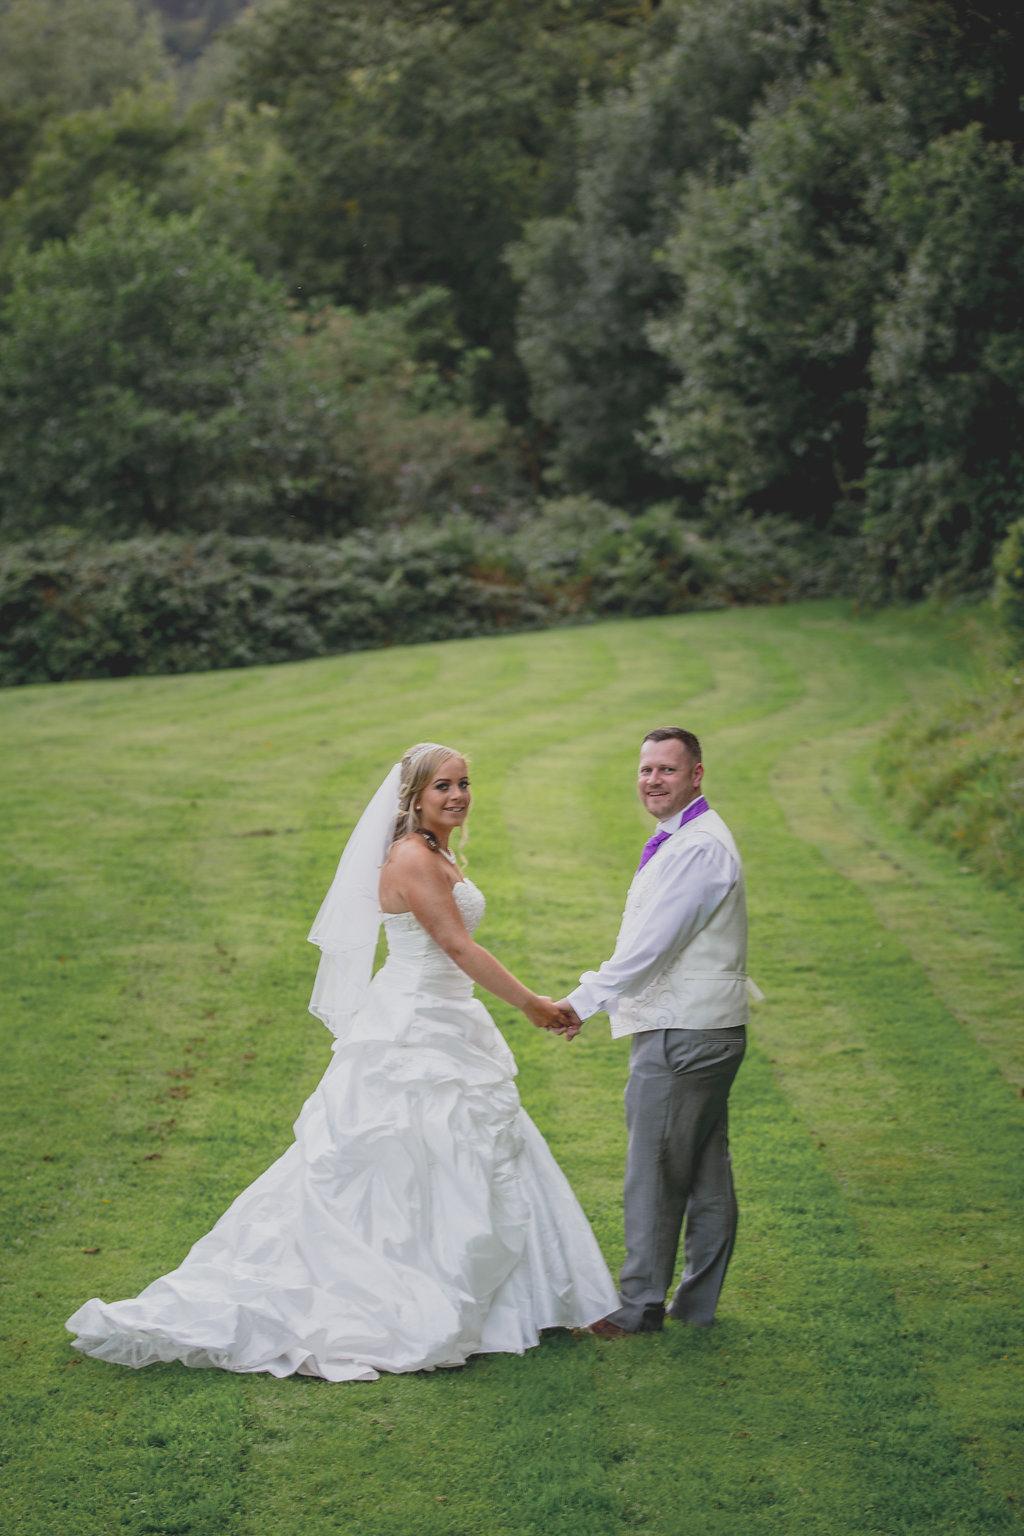 Female-wedding-photographer-cardiff-new-house-hotel-cardiff-natalia-smith-photography-38.jpg